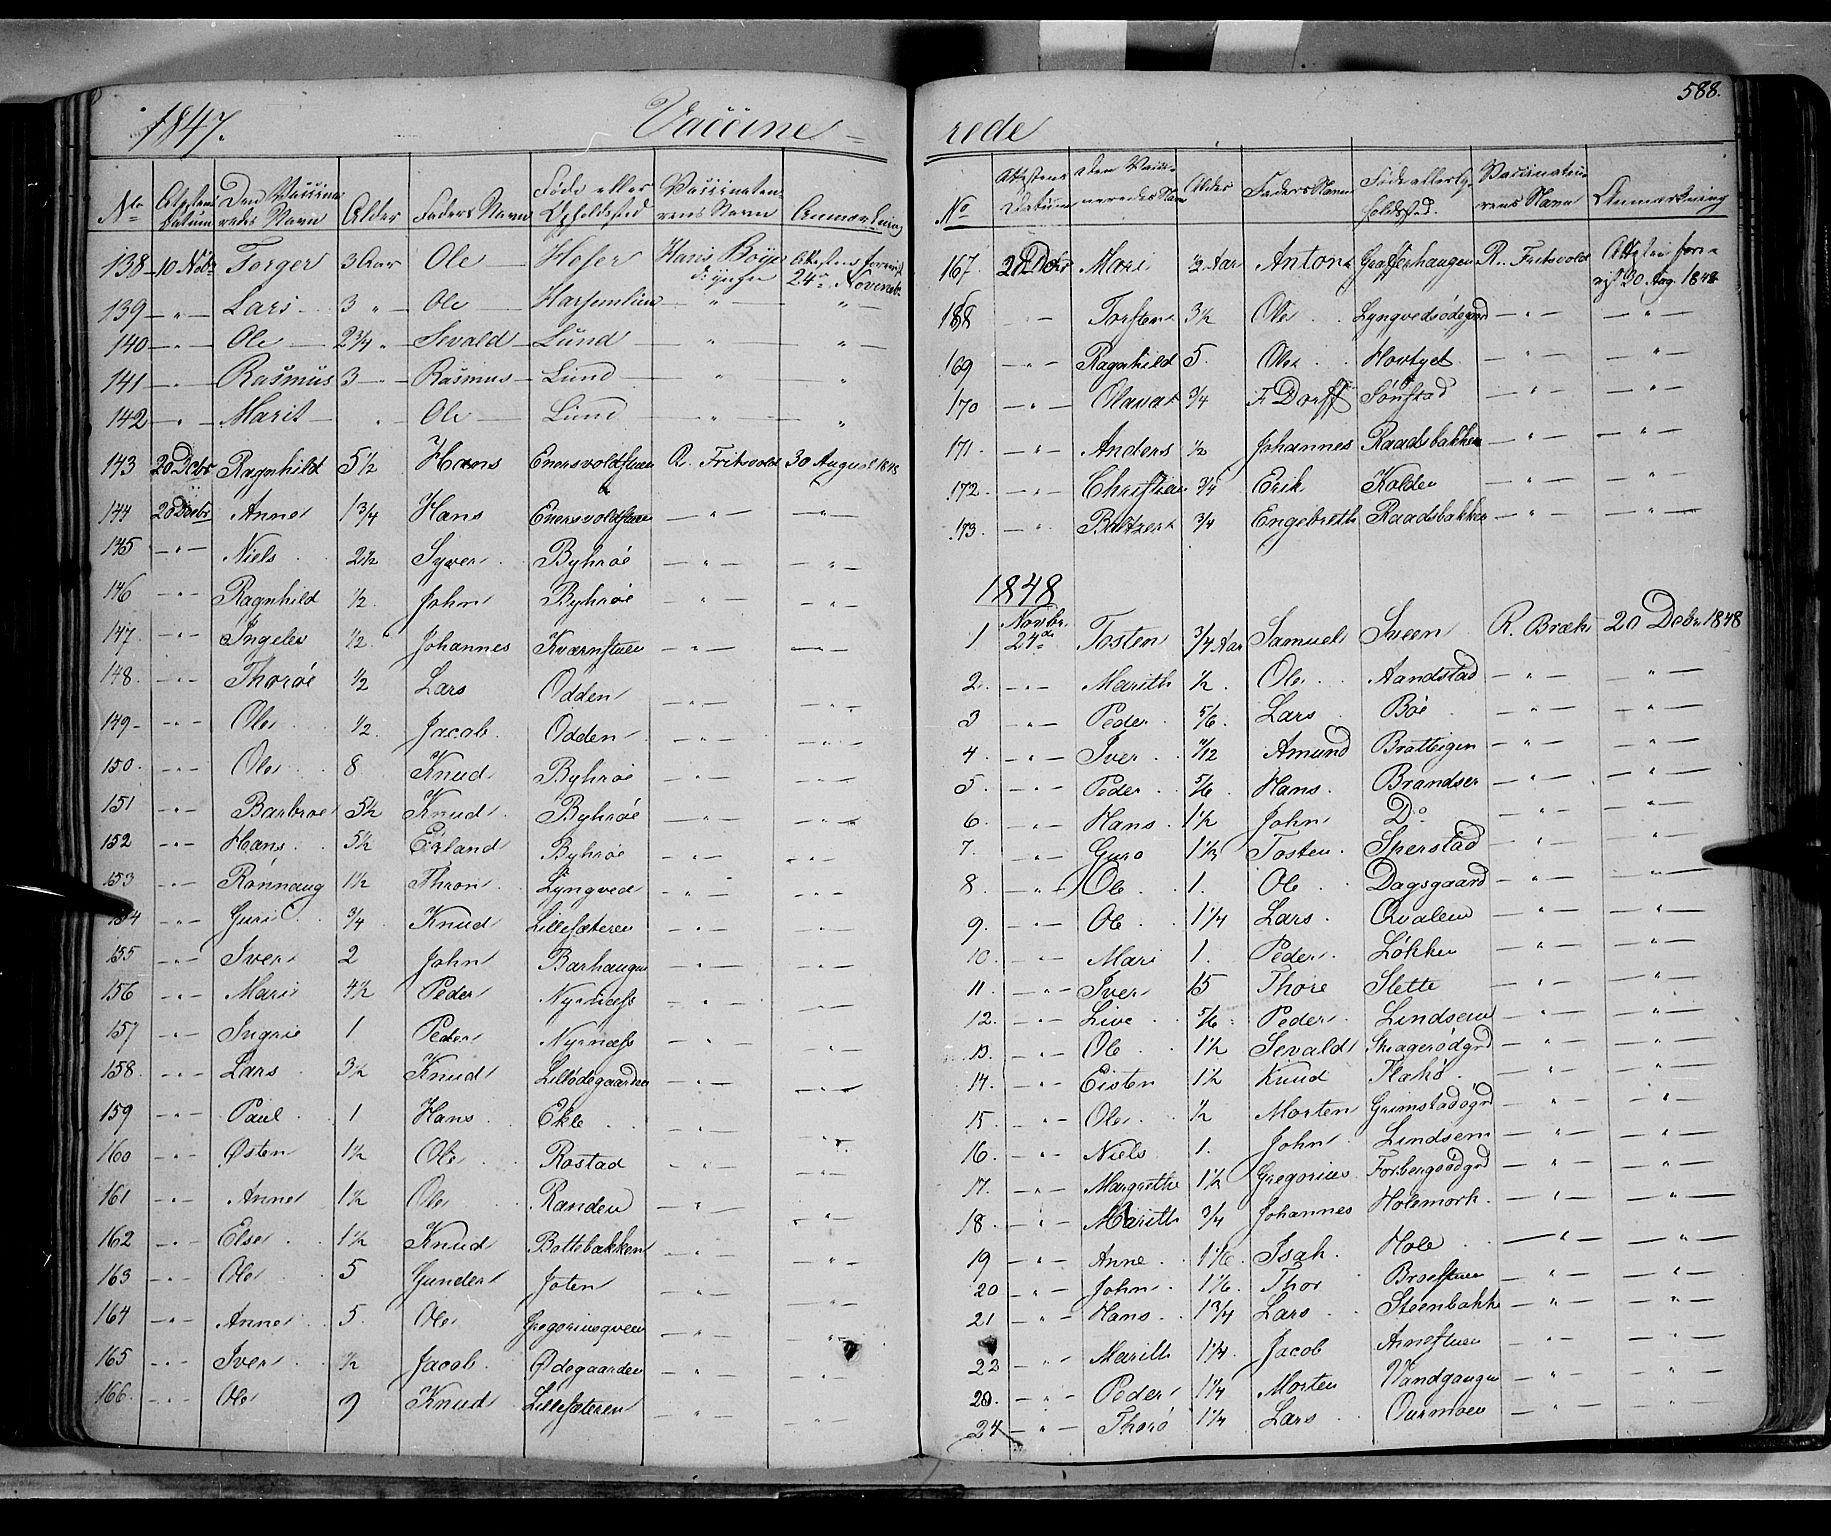 SAH, Lom prestekontor, K/L0006: Ministerialbok nr. 6B, 1837-1863, s. 588